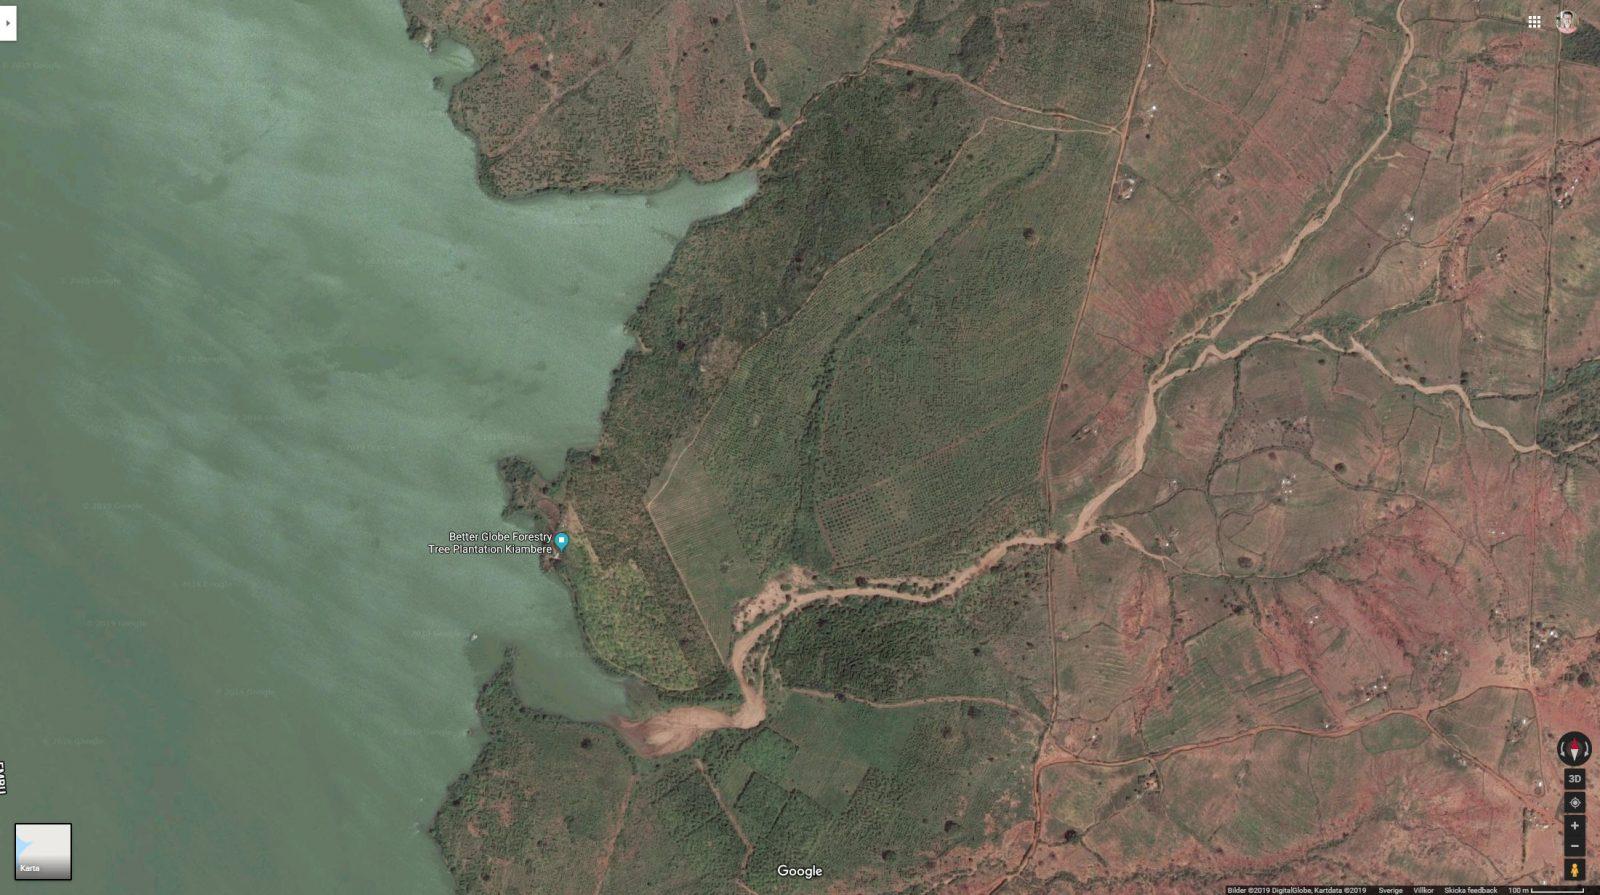 Bilden visar en del av Kiamber-plantagen som ligger vid Kiambere-dammen i 7Forks-området i länet Kitui/Mwingi nordöst om Nairobi.